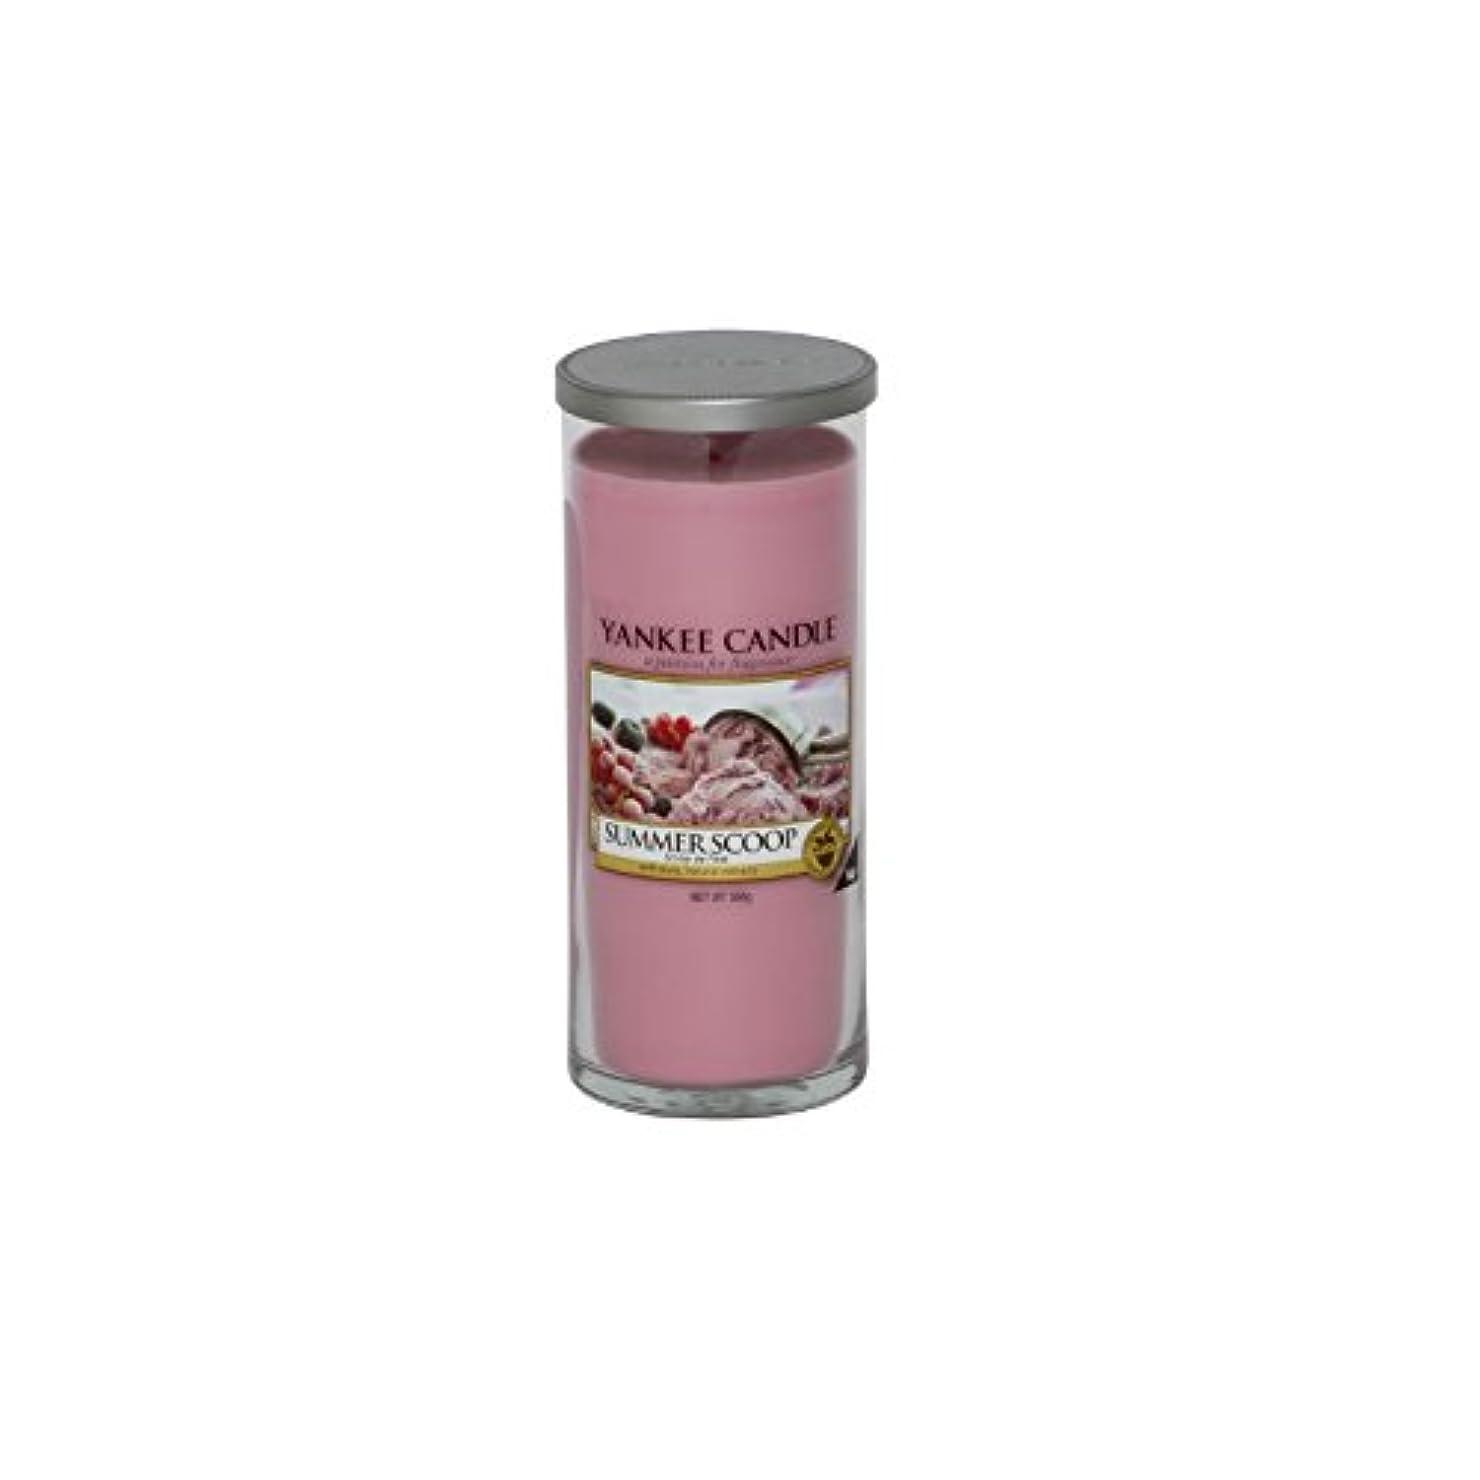 資本主義悪意ナイトスポットYankee Candles Large Pillar Candle - Summer Scoop (Pack of 2) - ヤンキーキャンドル大きな柱キャンドル - 夏のスクープ (x2) [並行輸入品]